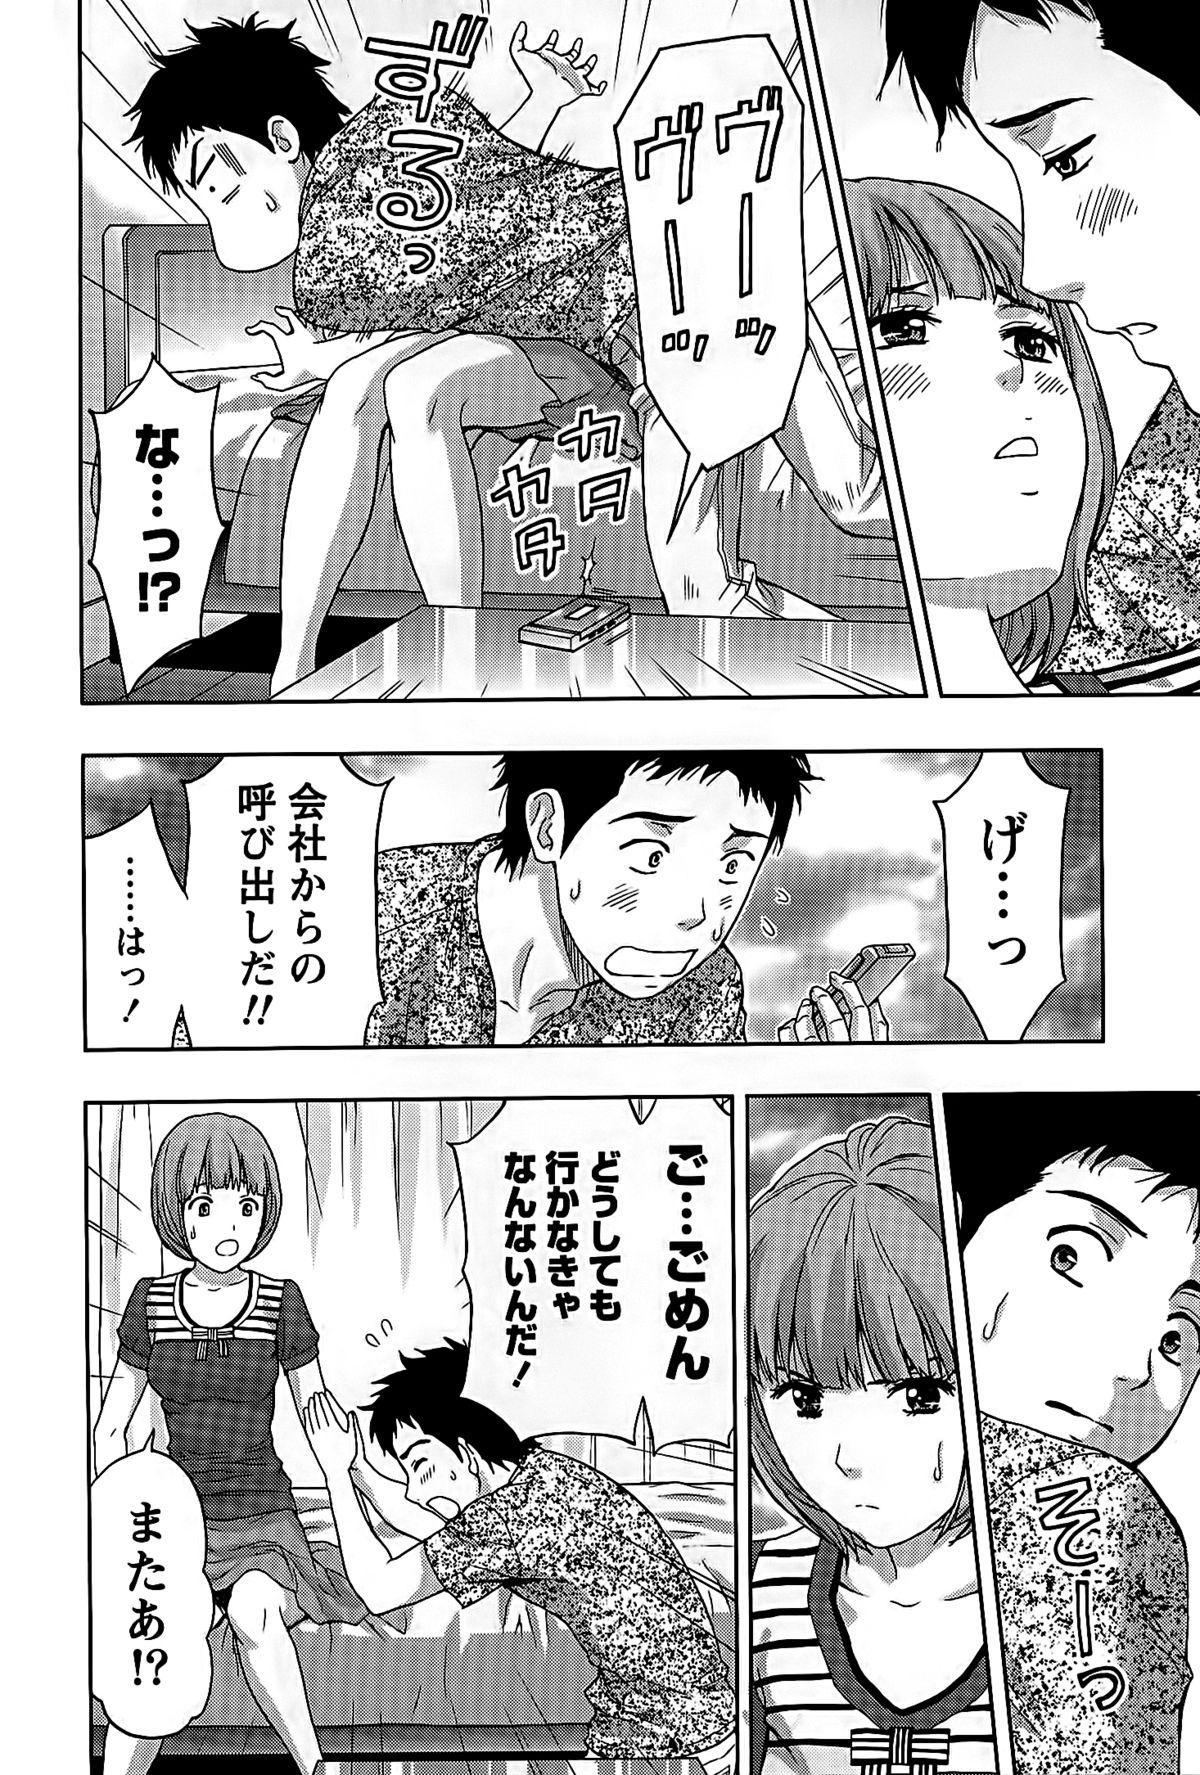 Shittori Lady to Amai Mitsu 172